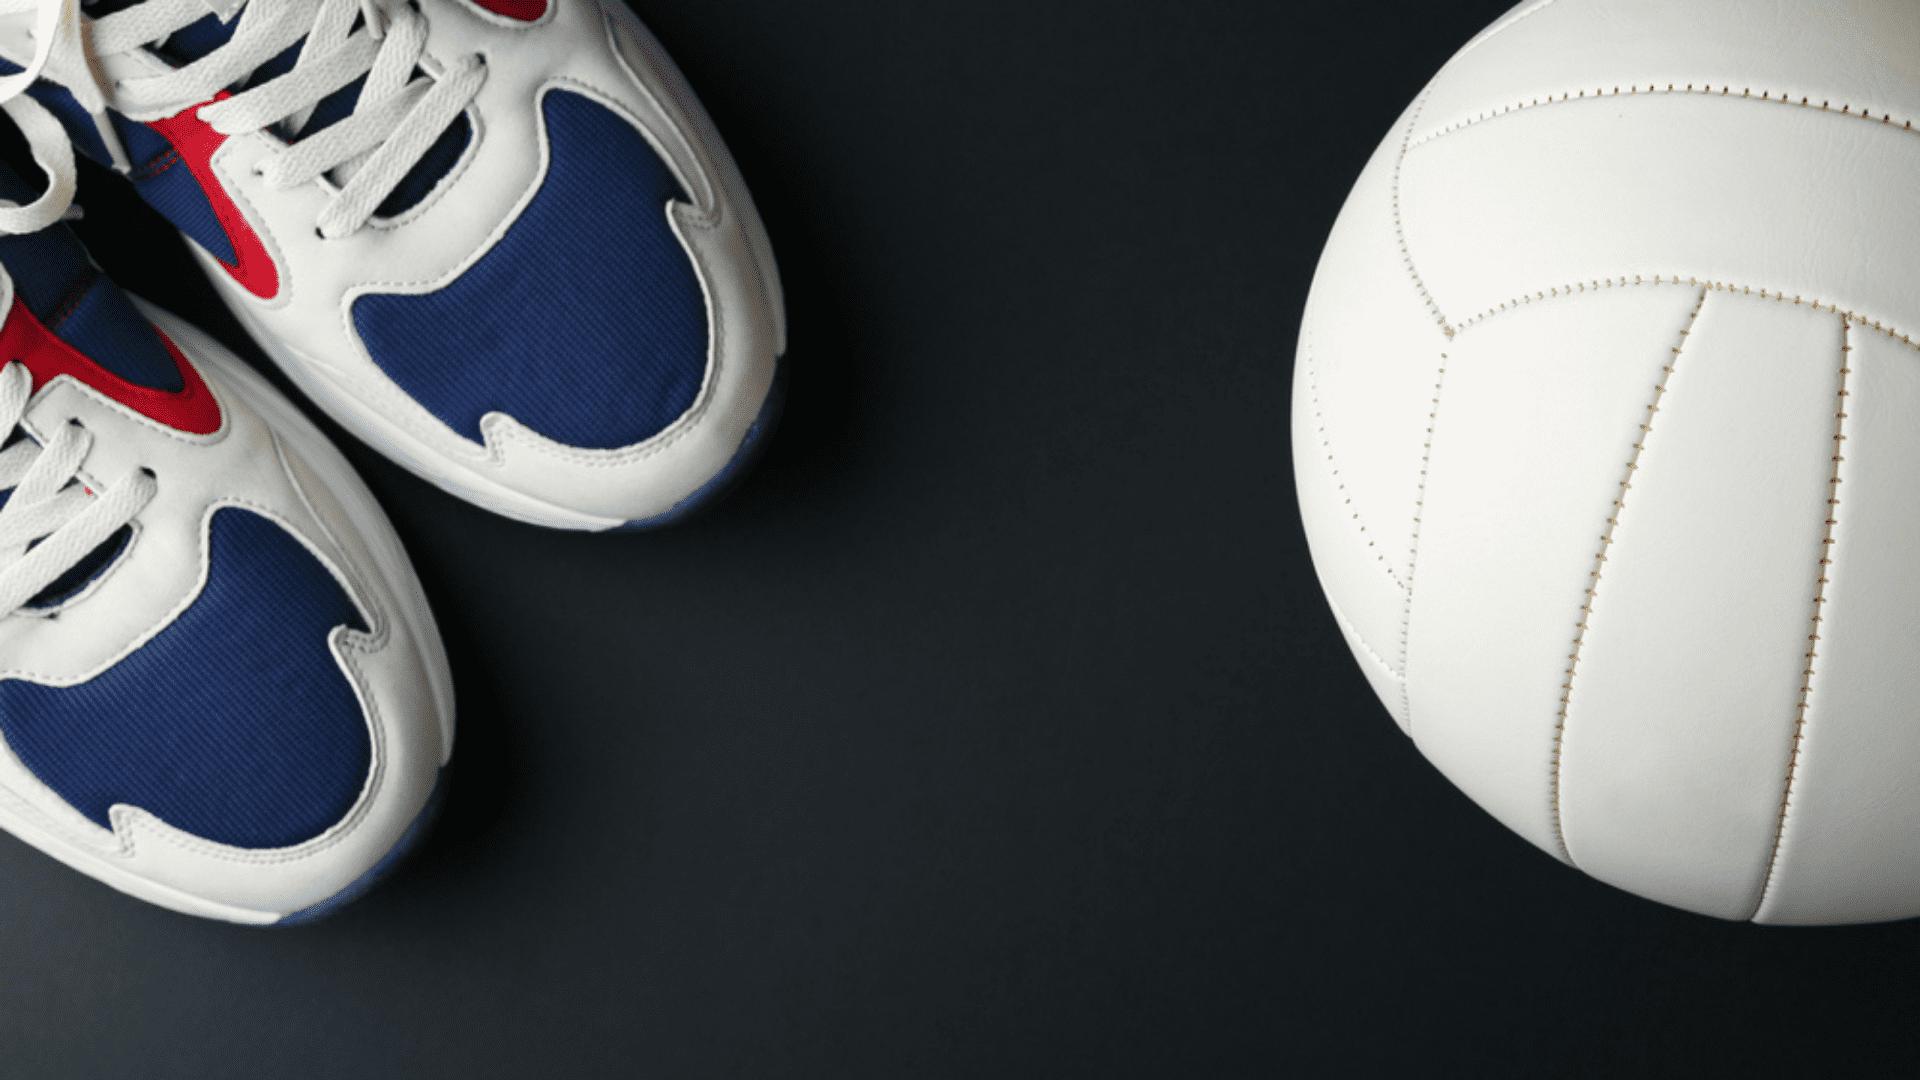 Veja a nossa seleção dos melhores tênis para vôlei de 2021! (Imagem: Reprodução/Shutterstock)